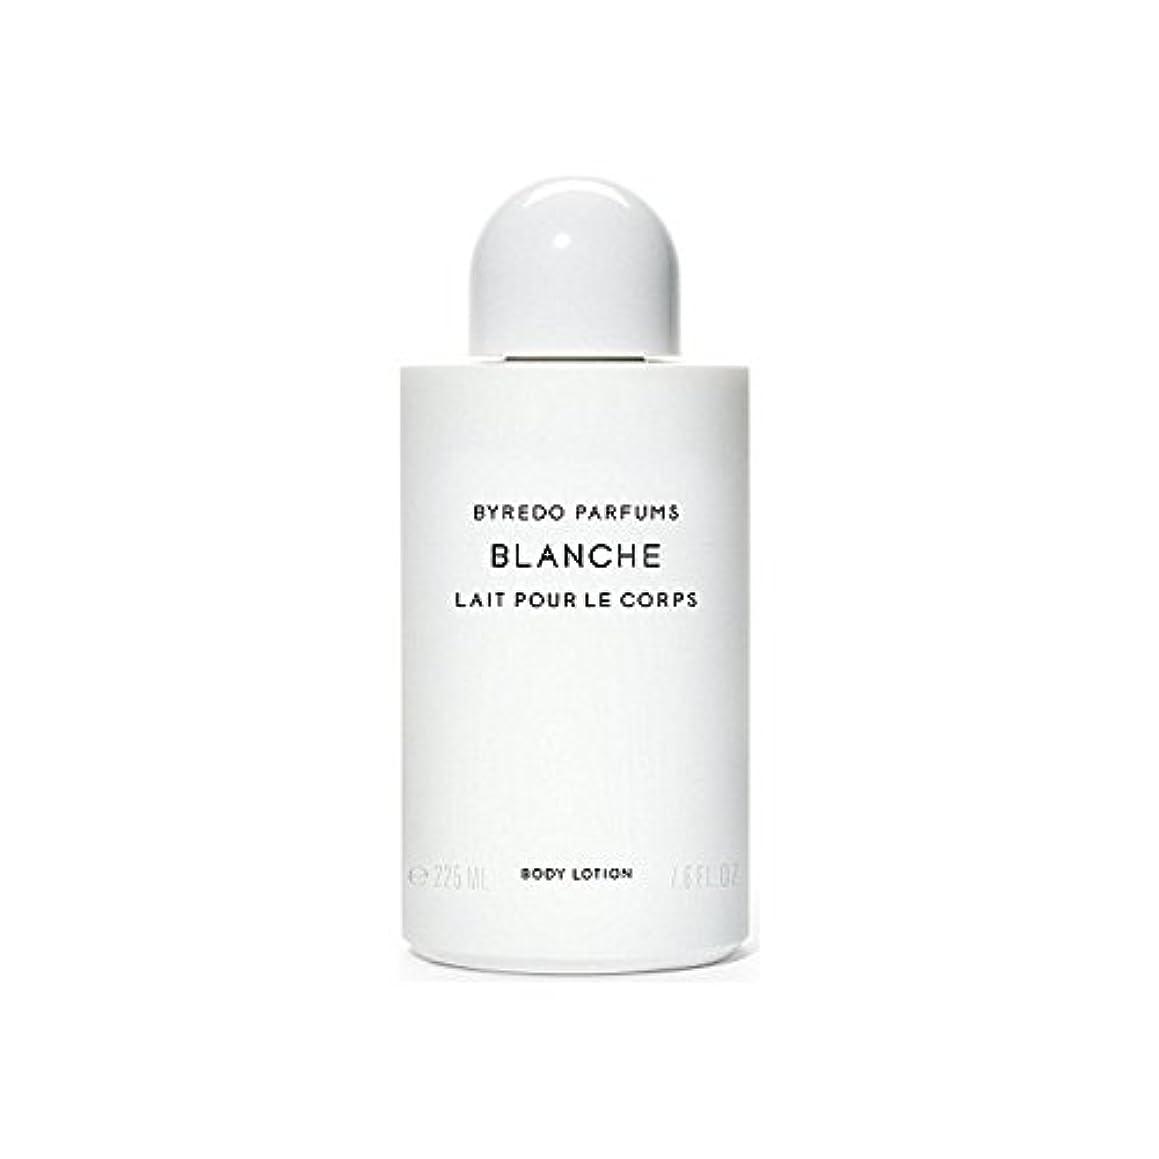 シネマ刃優れましたブランシュボディローション225ミリリットル x2 - Byredo Blanche Body Lotion 225ml (Pack of 2) [並行輸入品]